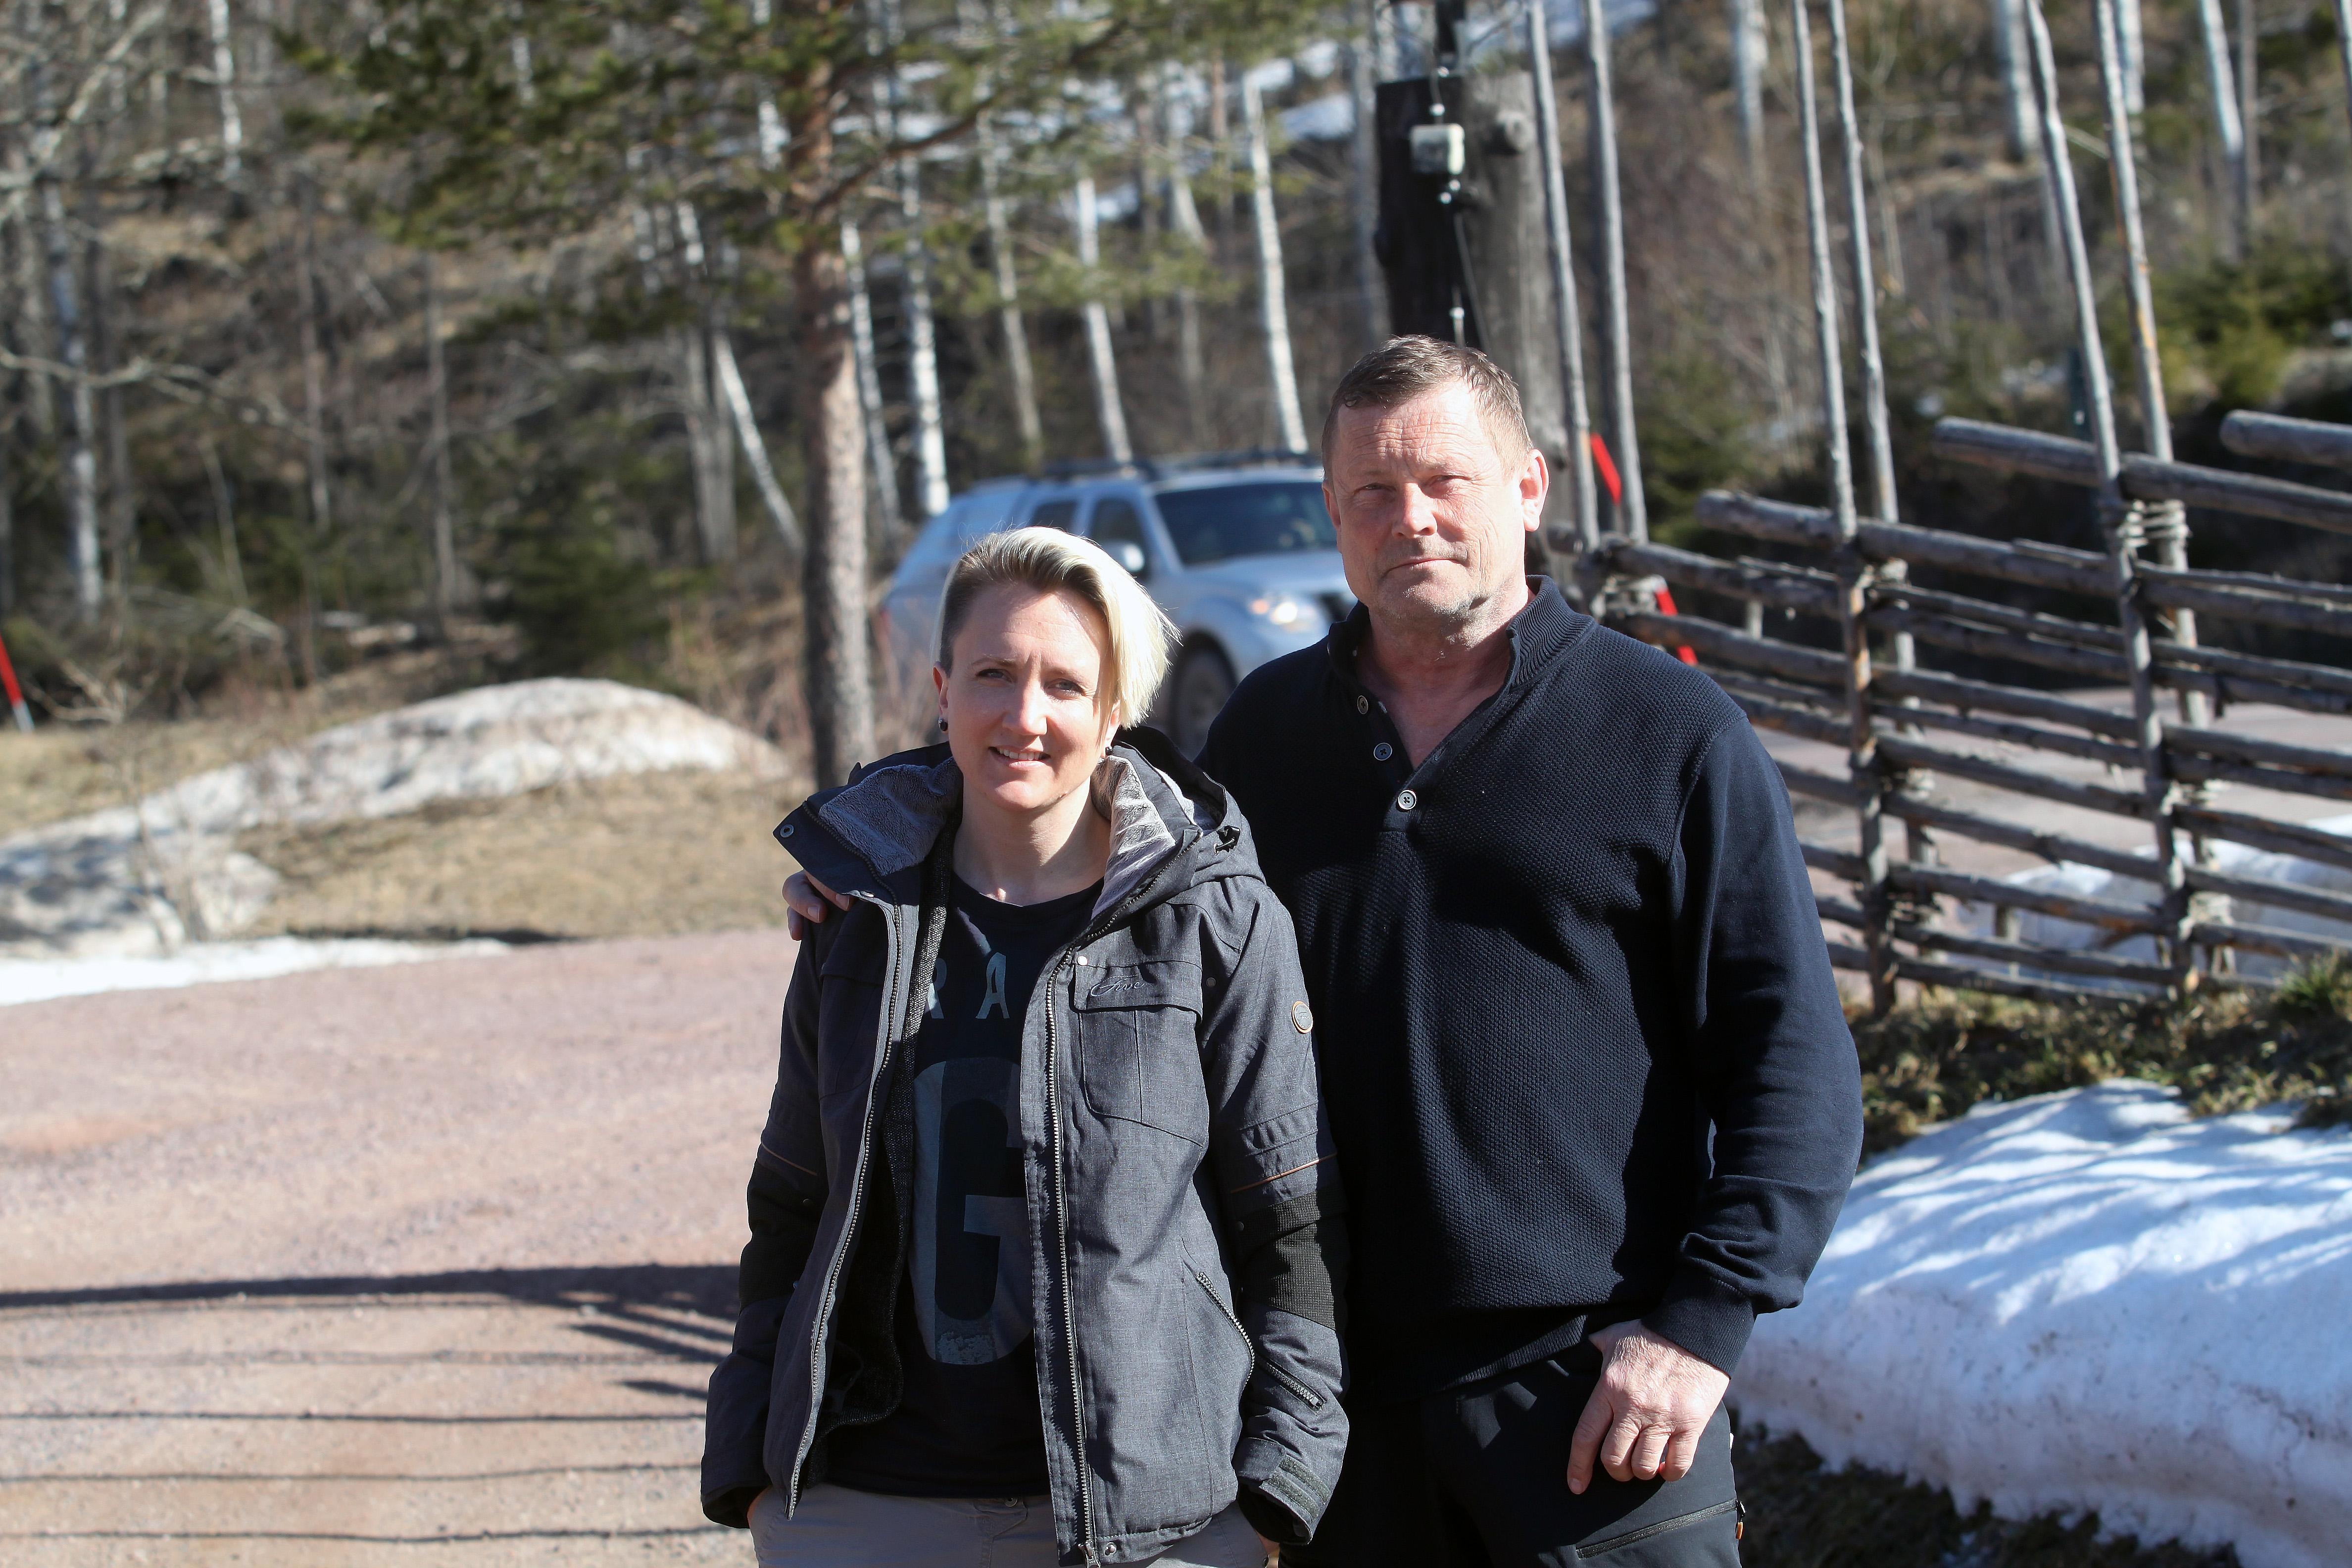 Föräldrarna Catrin Grönvall och Thomas Sköld anser att skolans beslut diskriminerar mot barn med funktionsnedsättning.